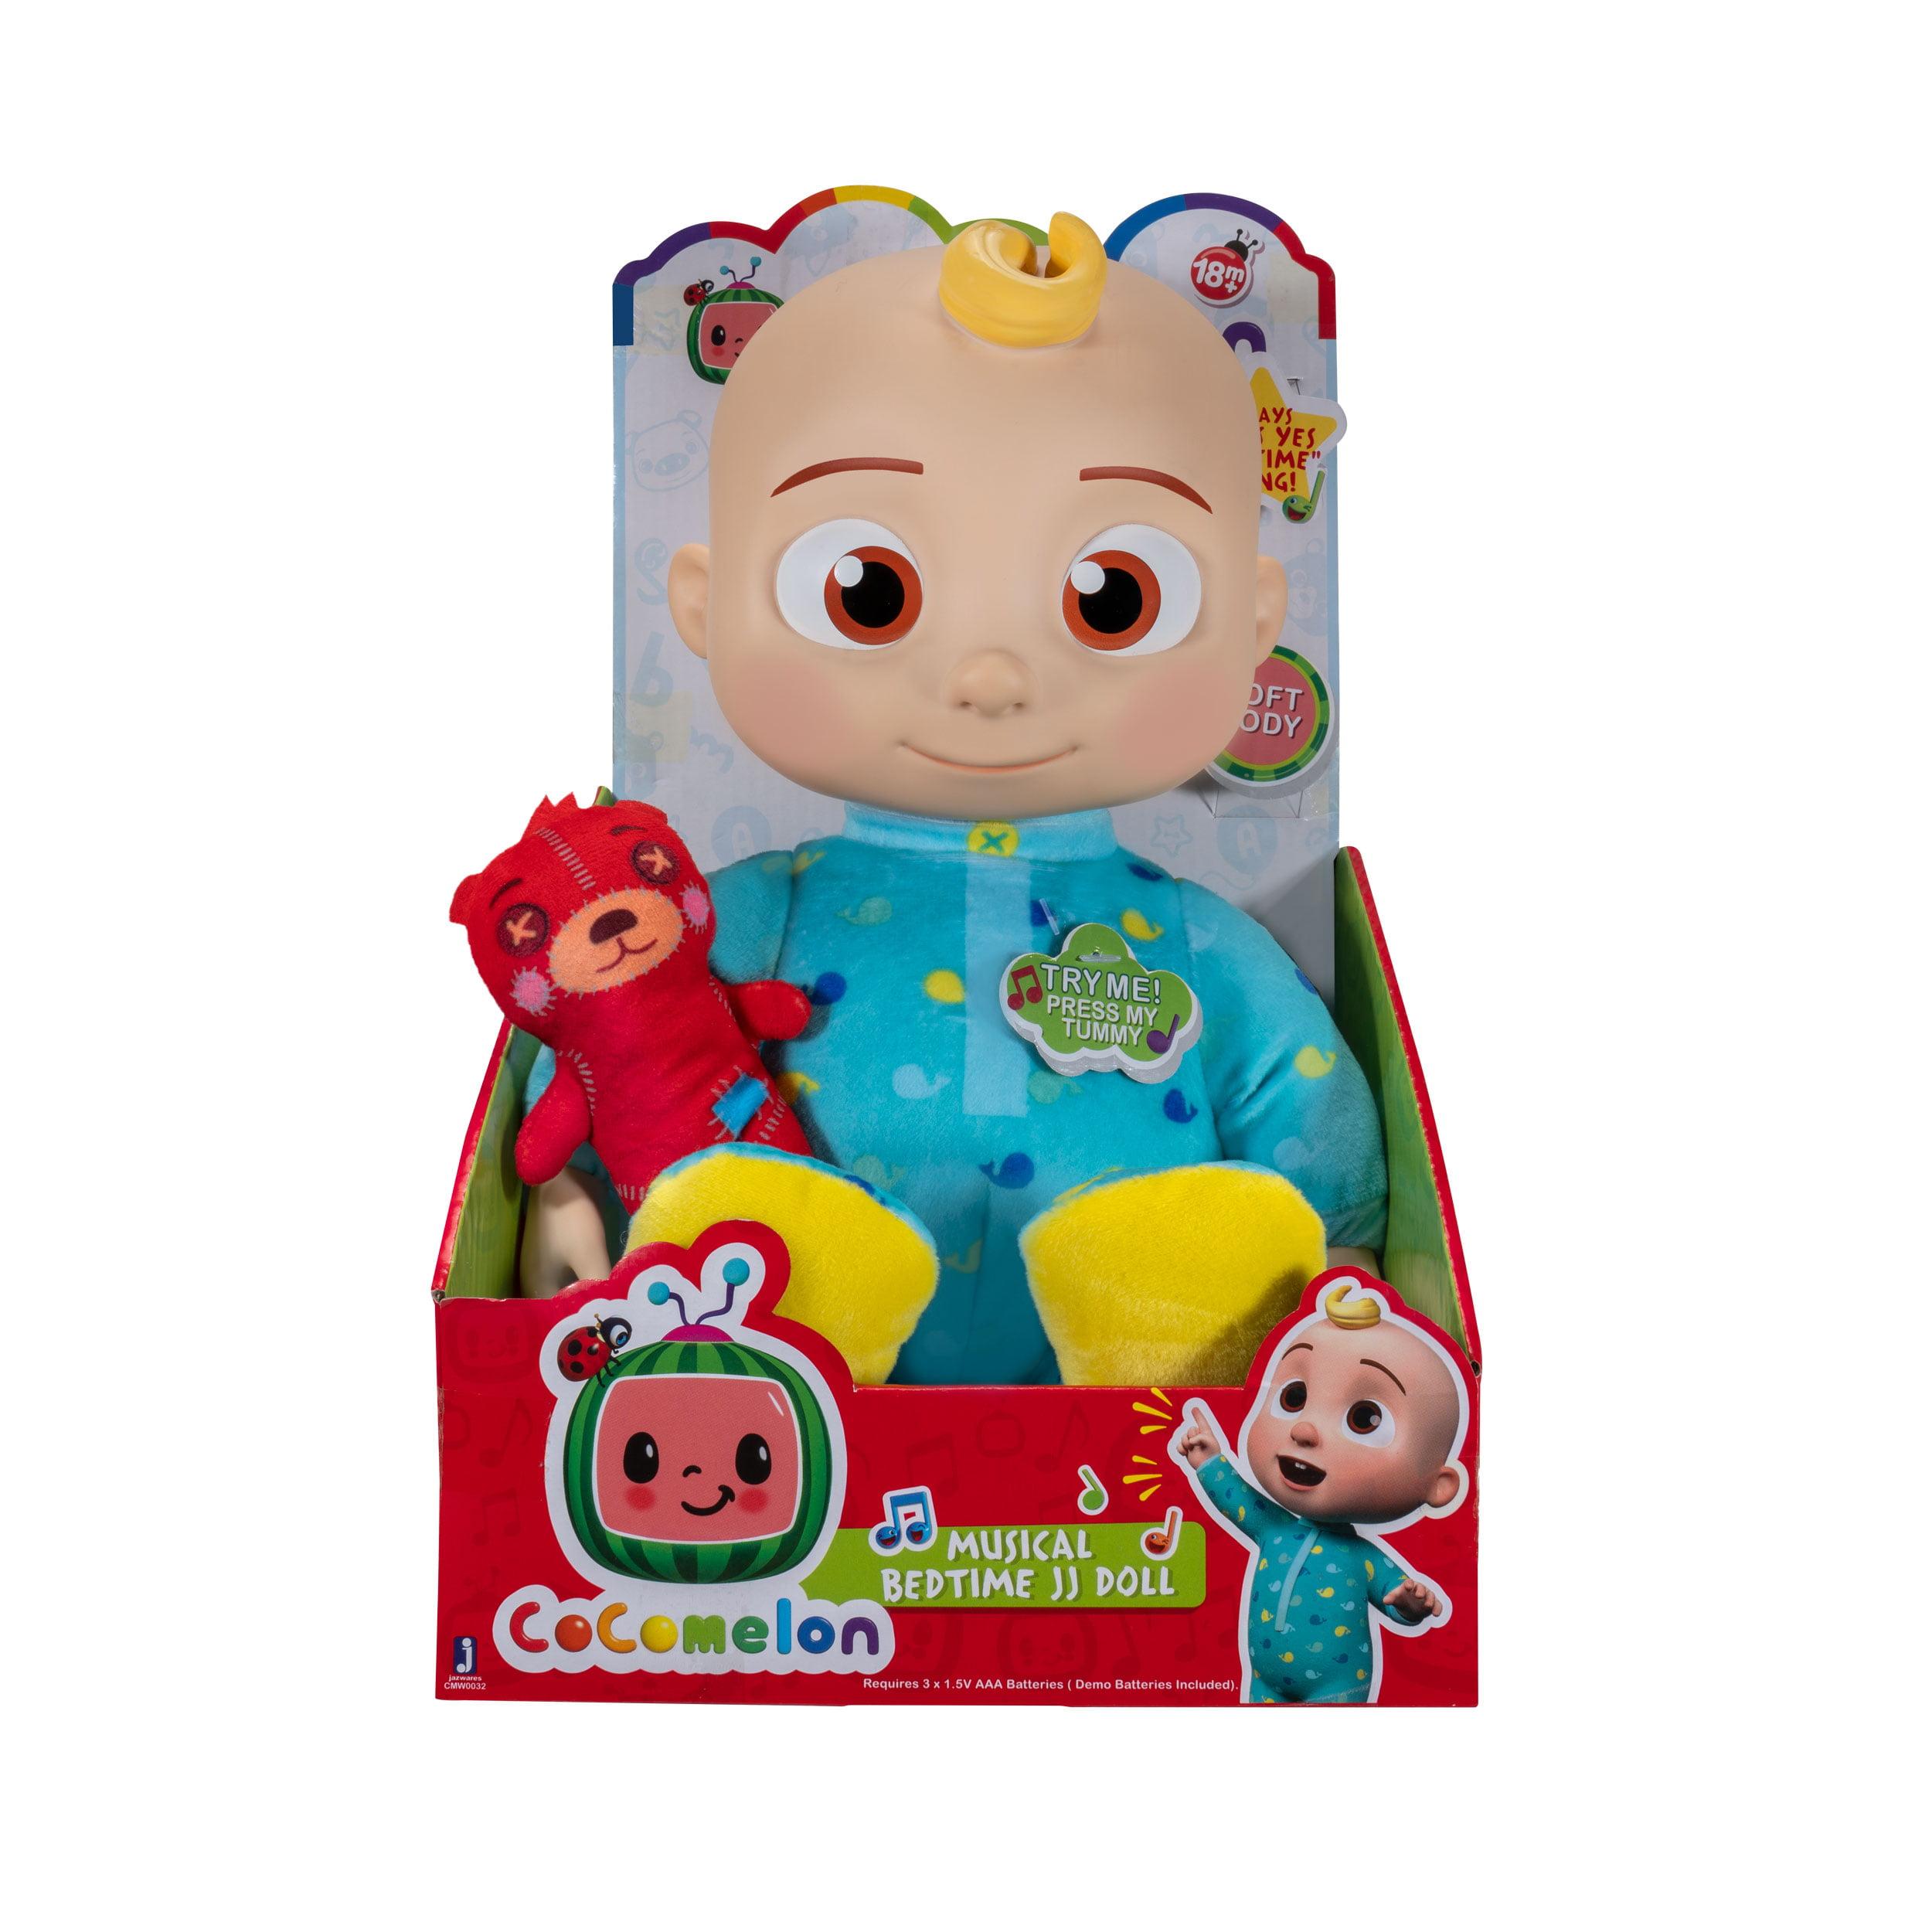 Par Toy Co Cocomelon Plush Bedtime Jj Doll 10in With Sound Walmart Com Walmart Com